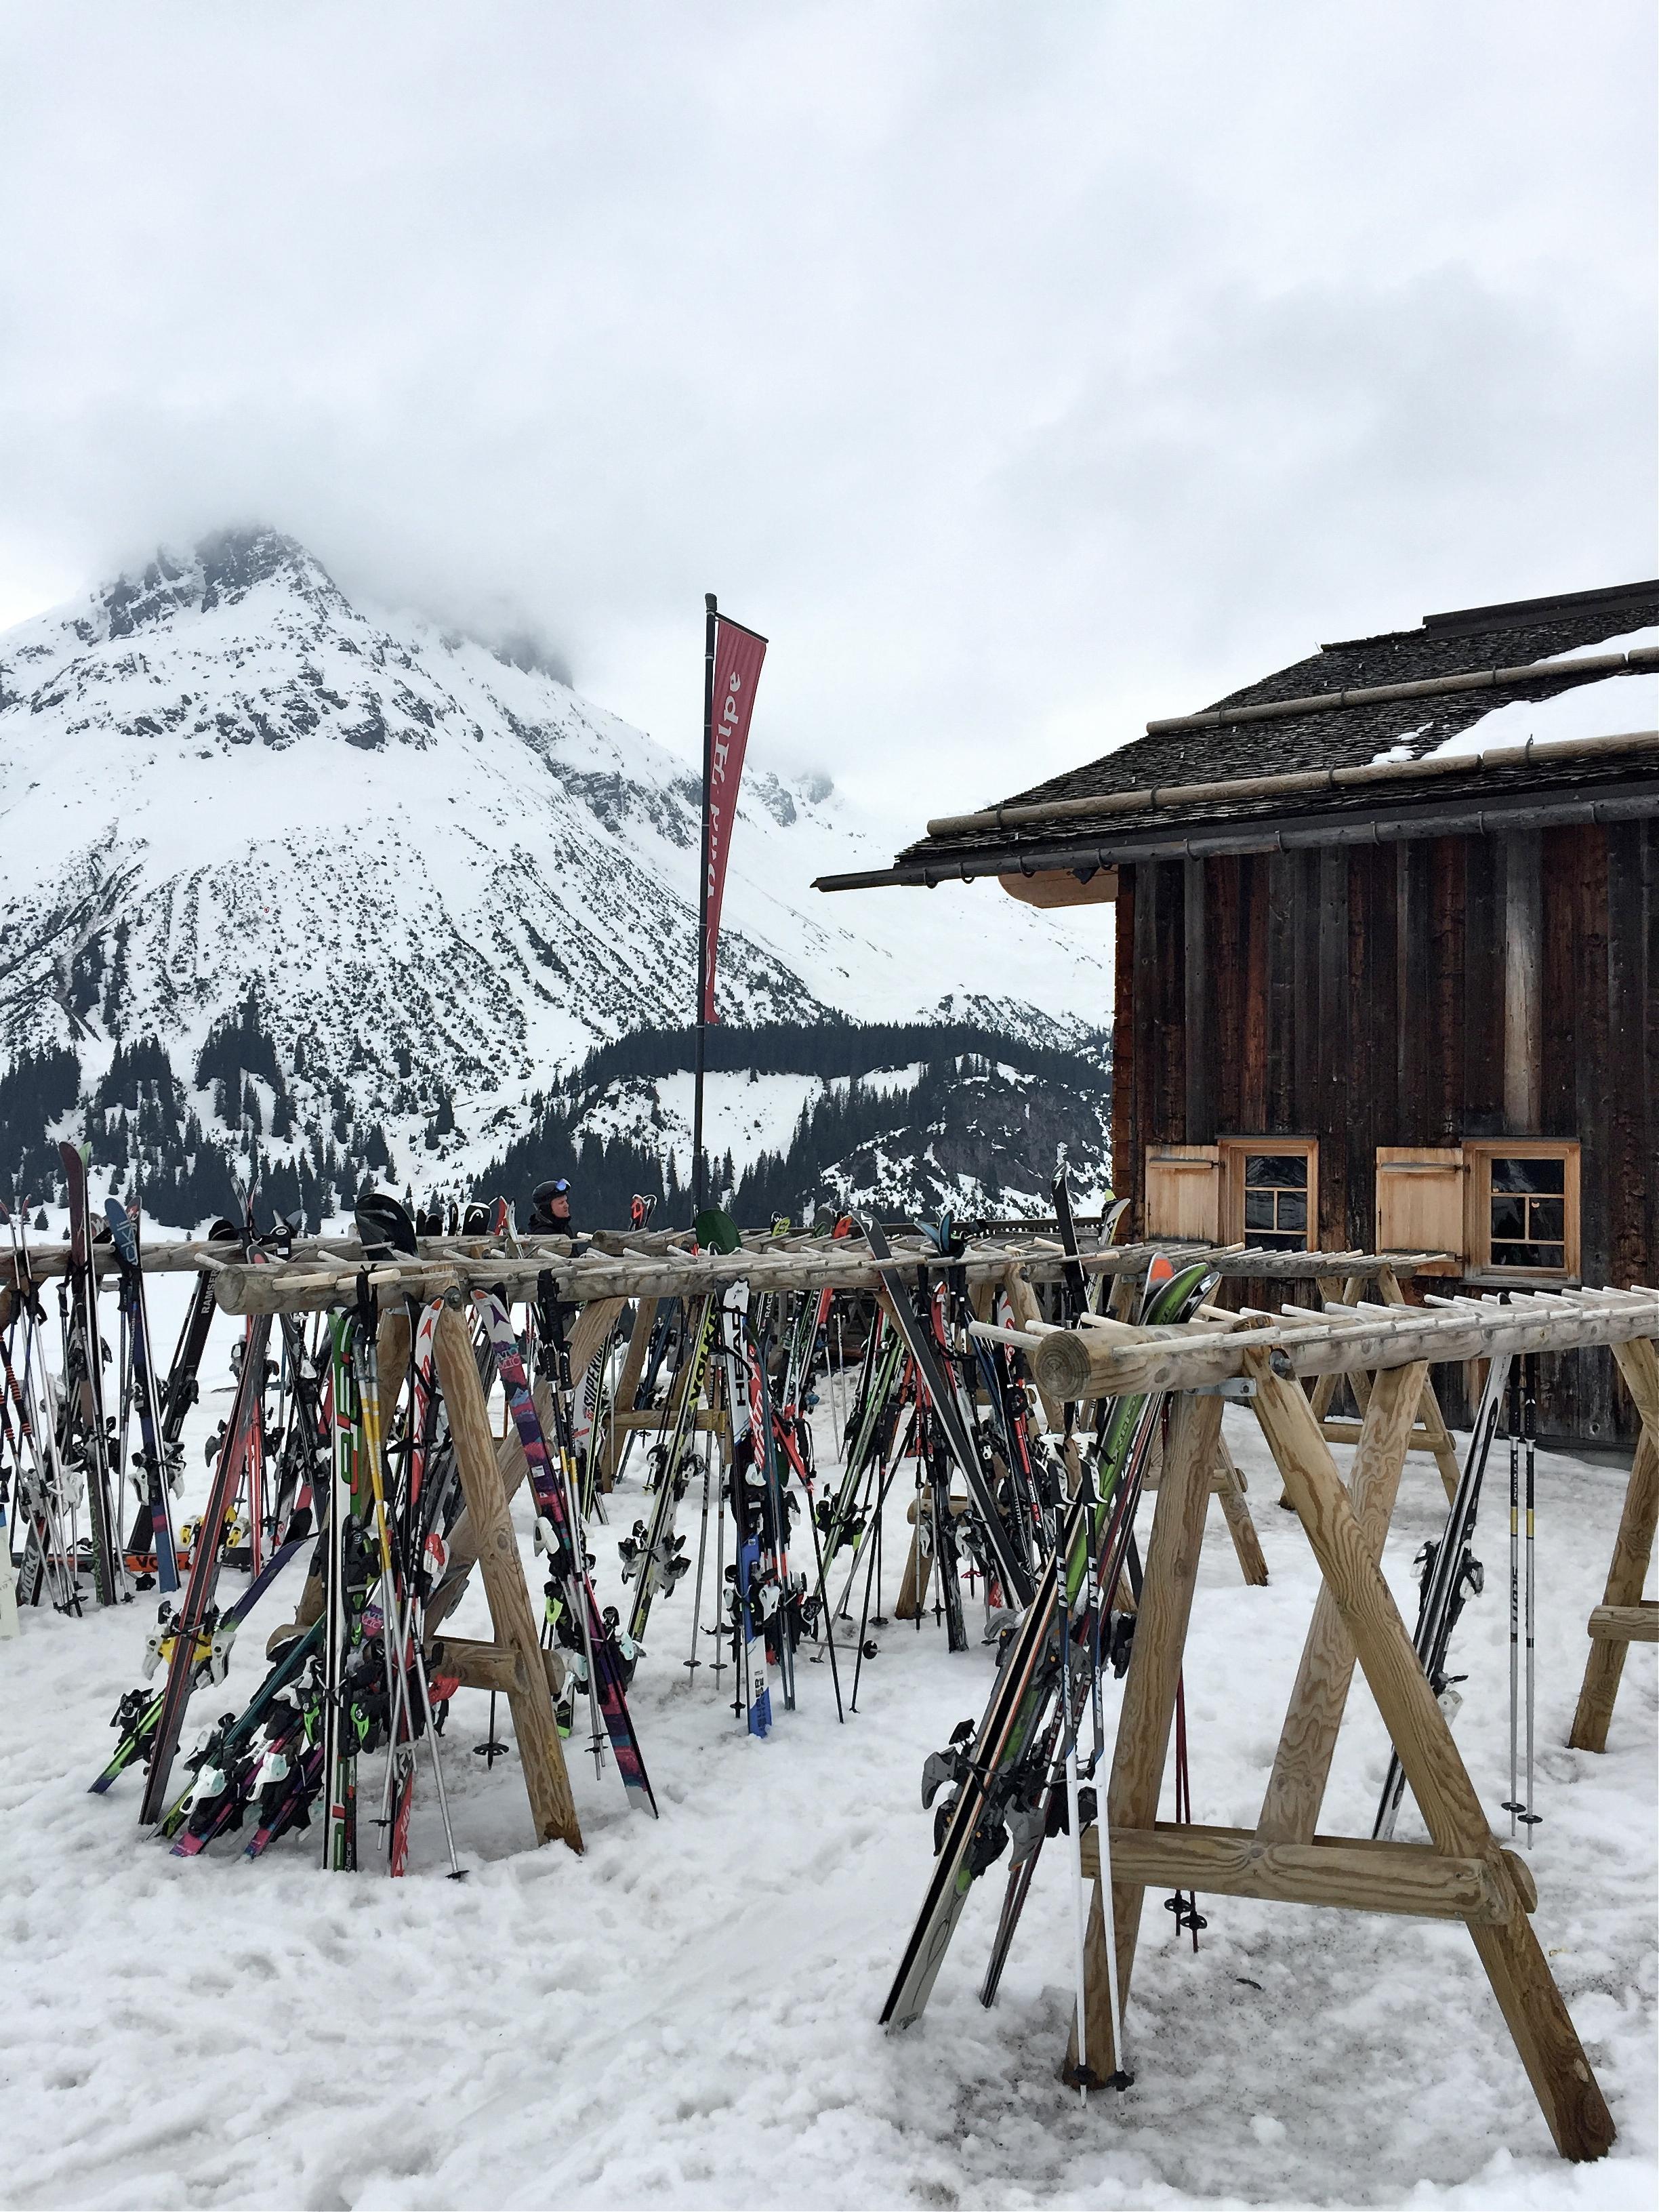 Rud-Alpe, Lech, Austria.